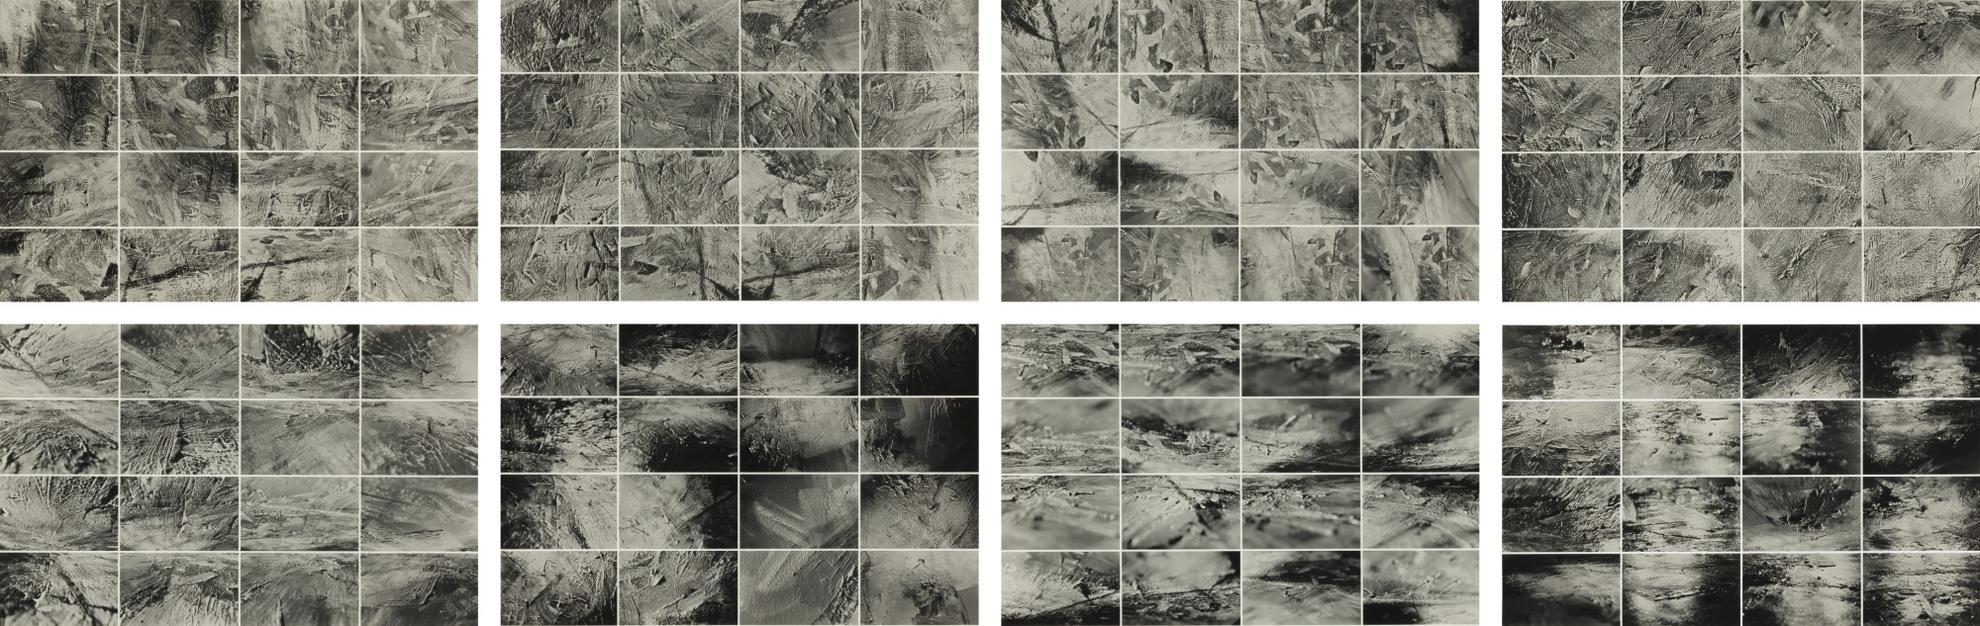 Gerhard Richter-128 Fotos Von Einem Bild (Halifax 1978), II-1998